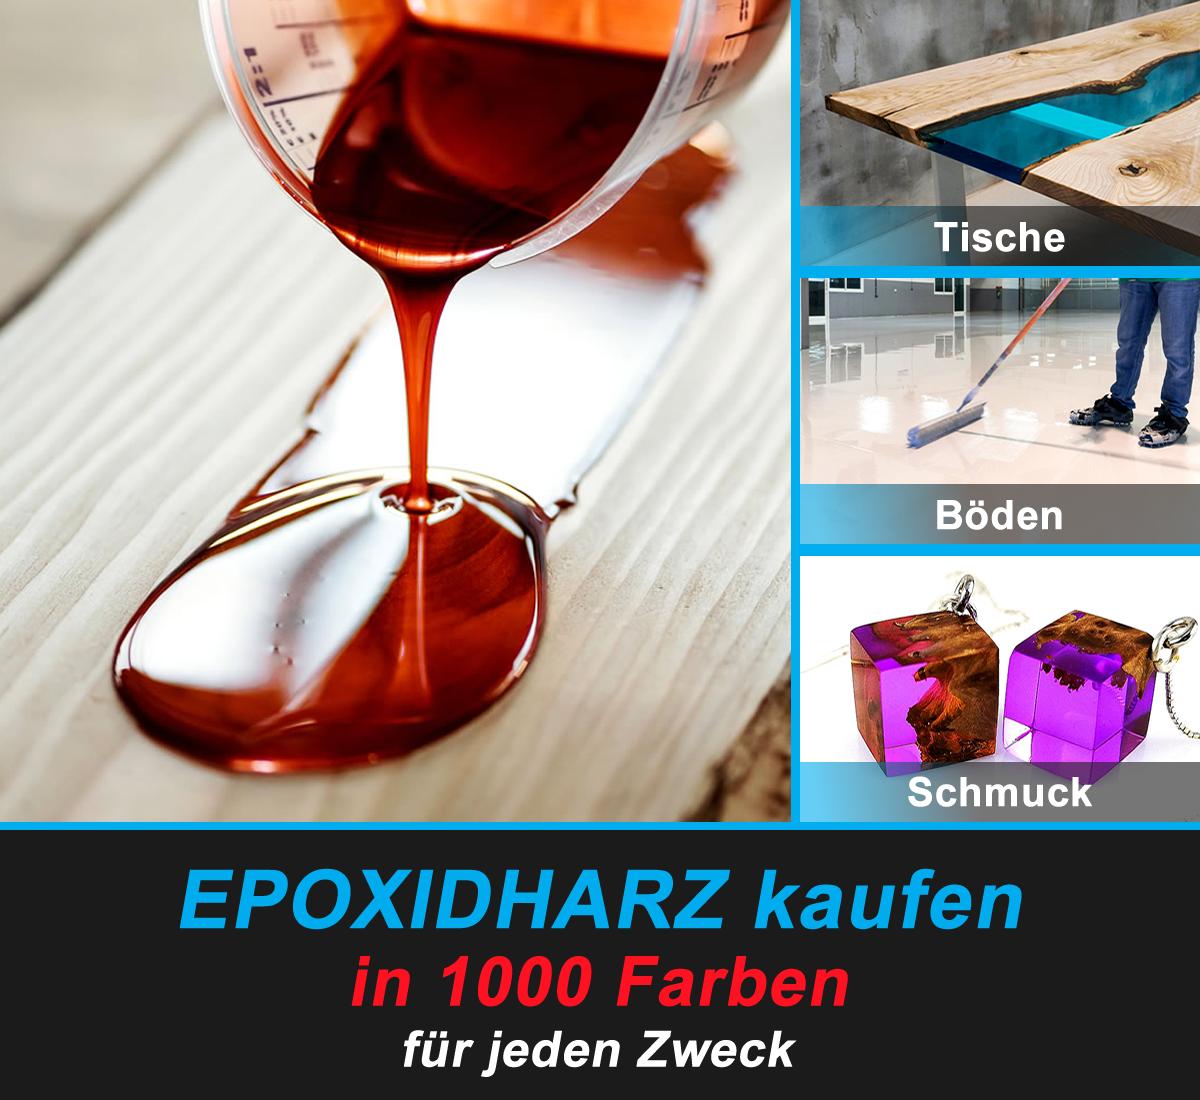 Epoxidharz kaufen in mehr als 1000 Farben | EPODEX  #hausdeko